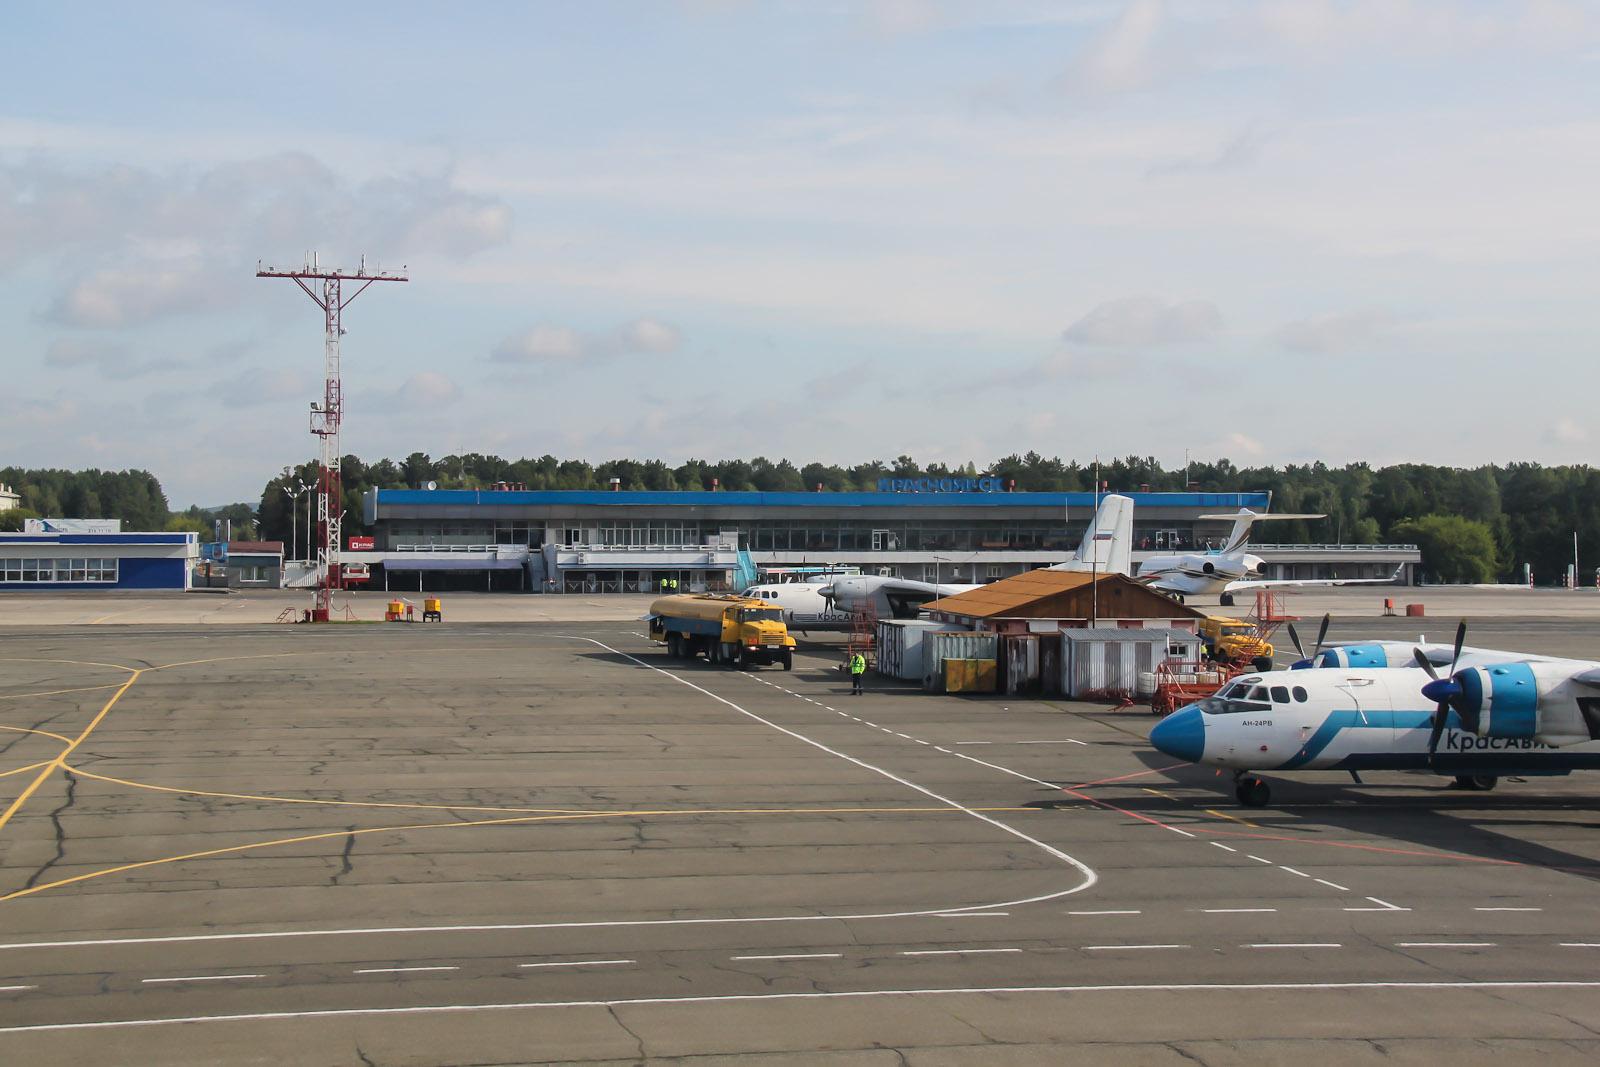 Аэровокзал внутренних авиалиний в аэропорту Красноярск Емельяново